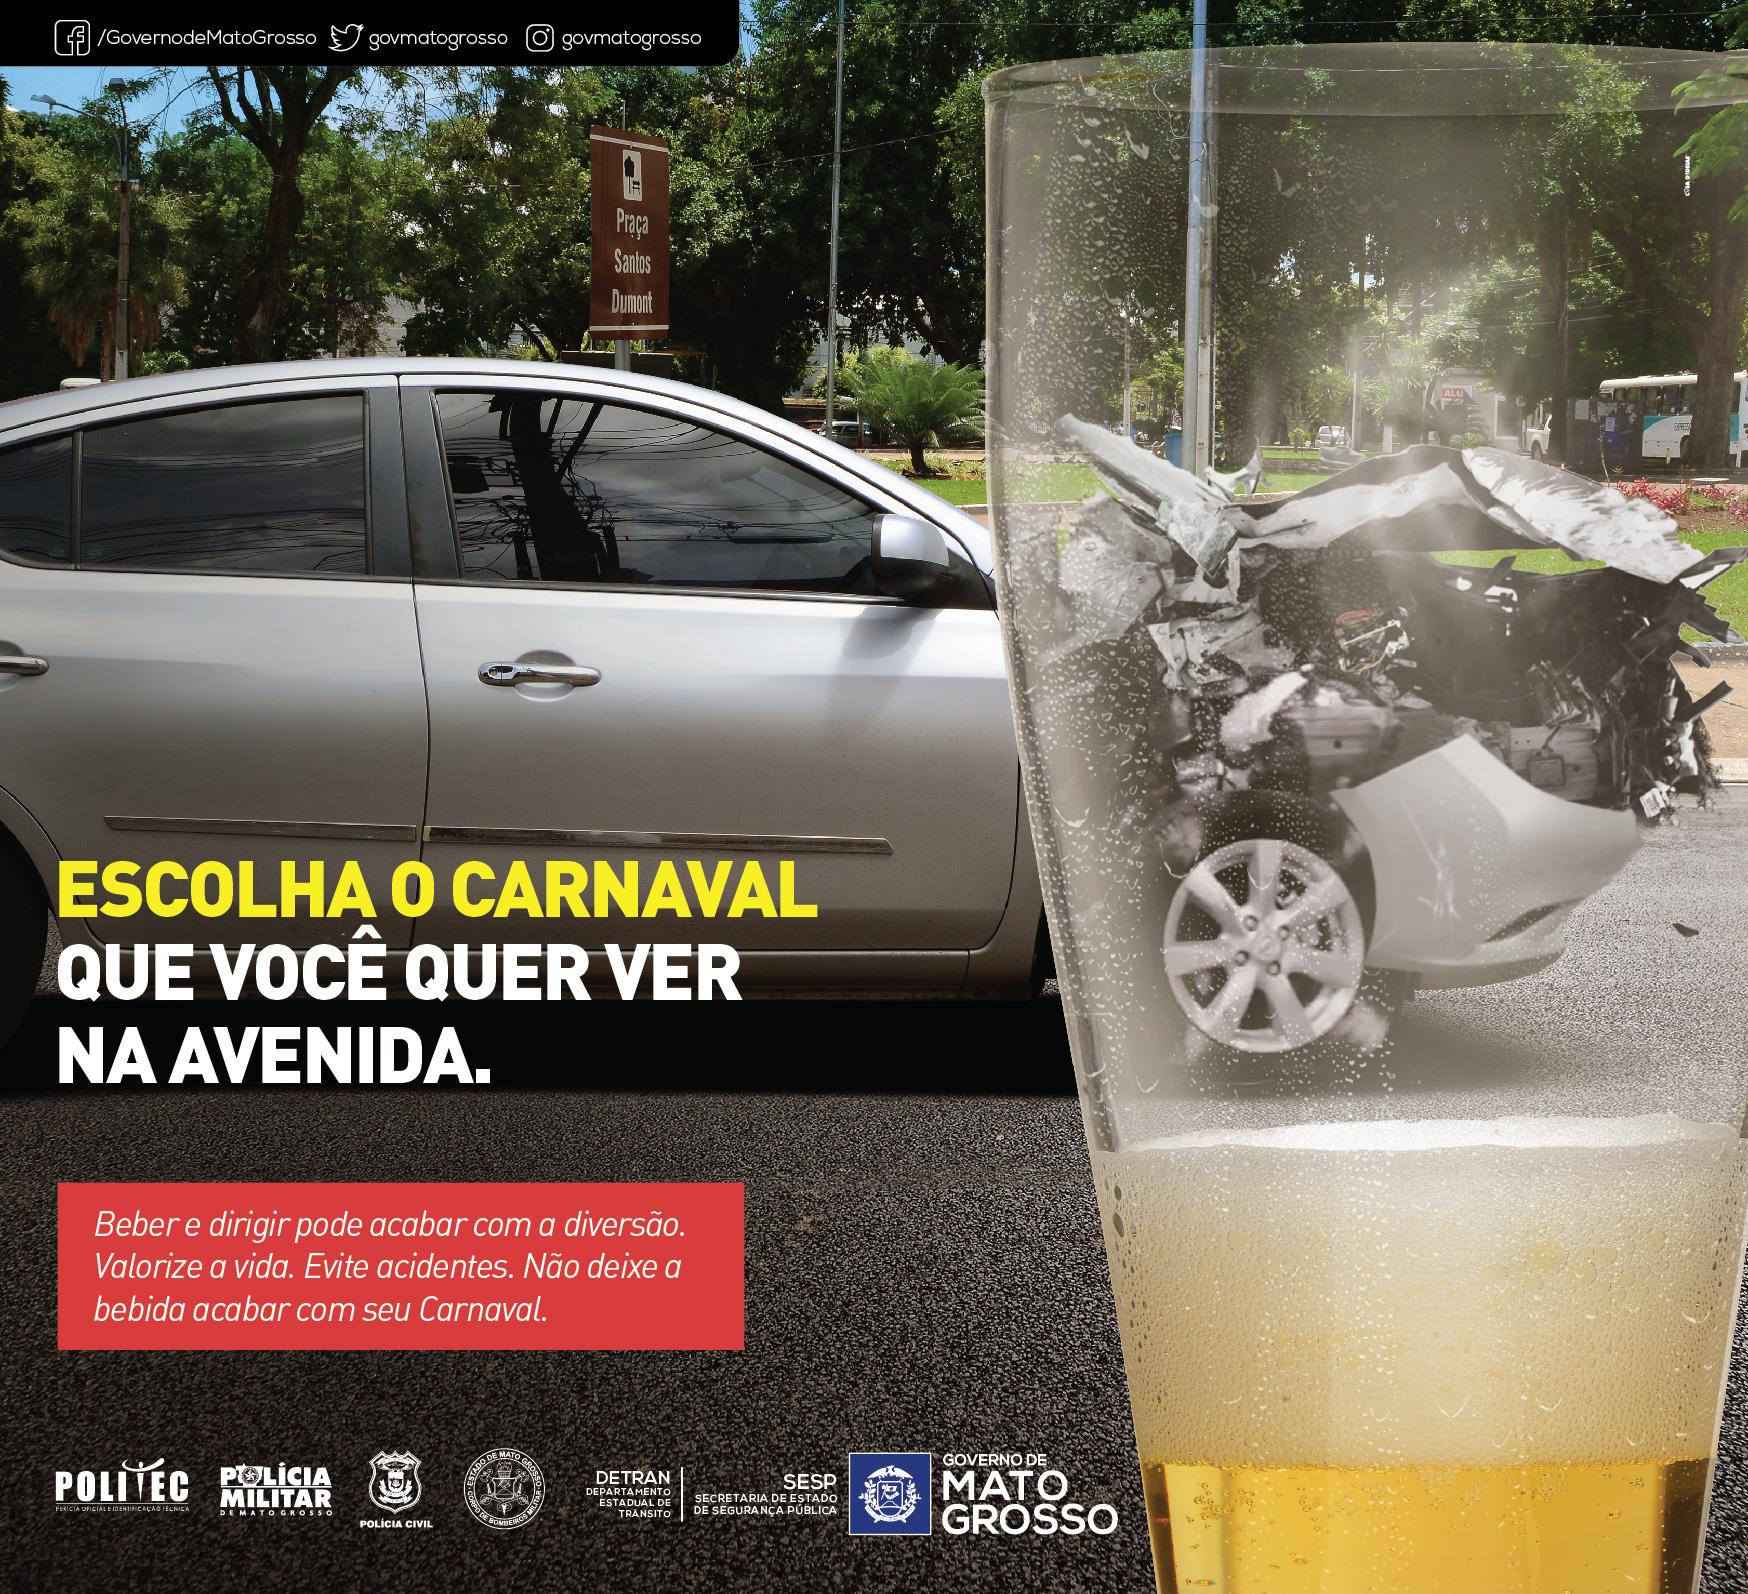 Governo - Campanha Carnaval - Anuncio - 296x260mm-01